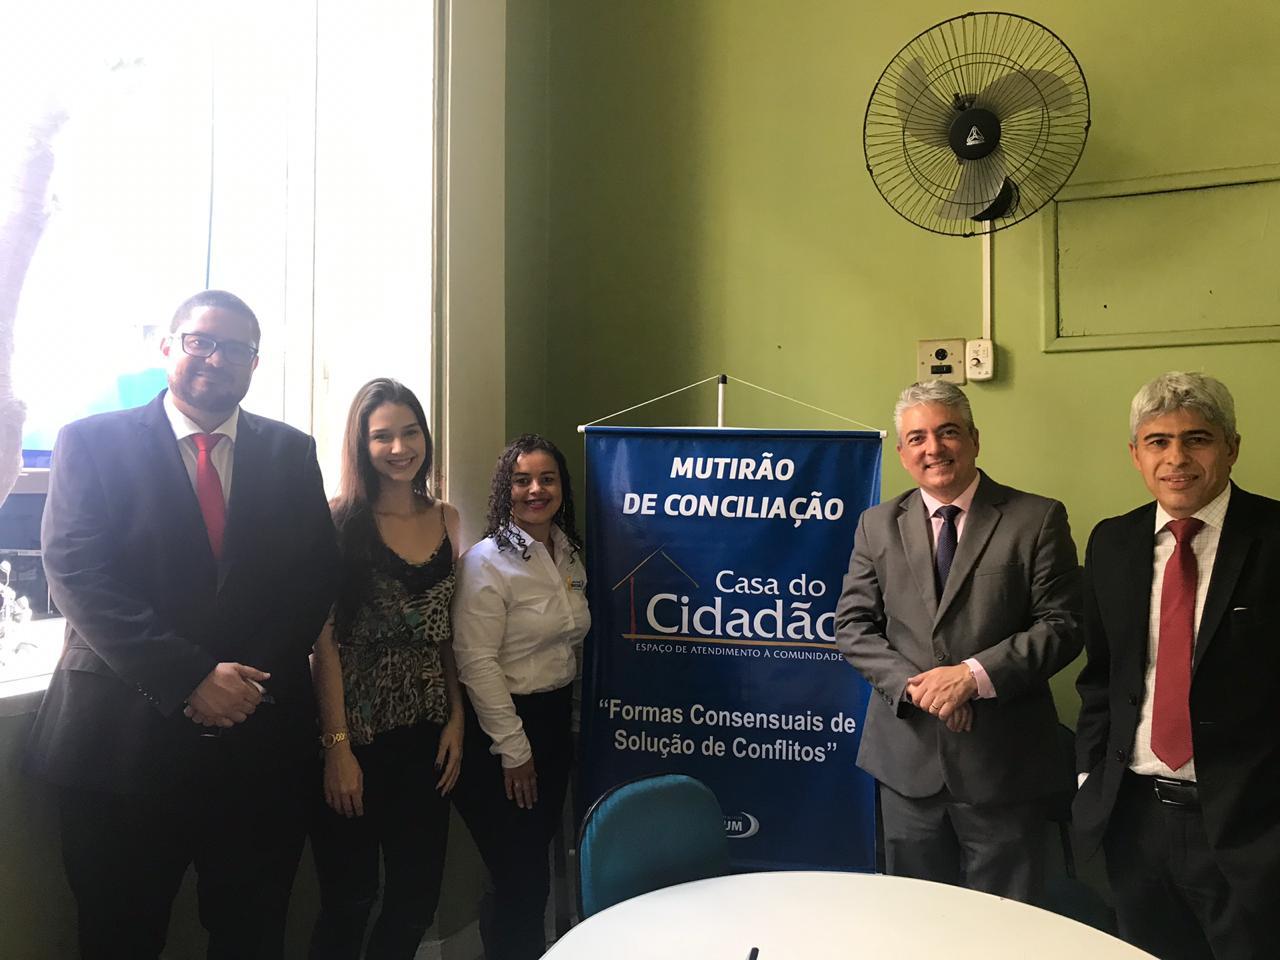 Alunos e professores do curso de Direito da Doctum promovem 1º Mutirão de Conciliação em Caratinga